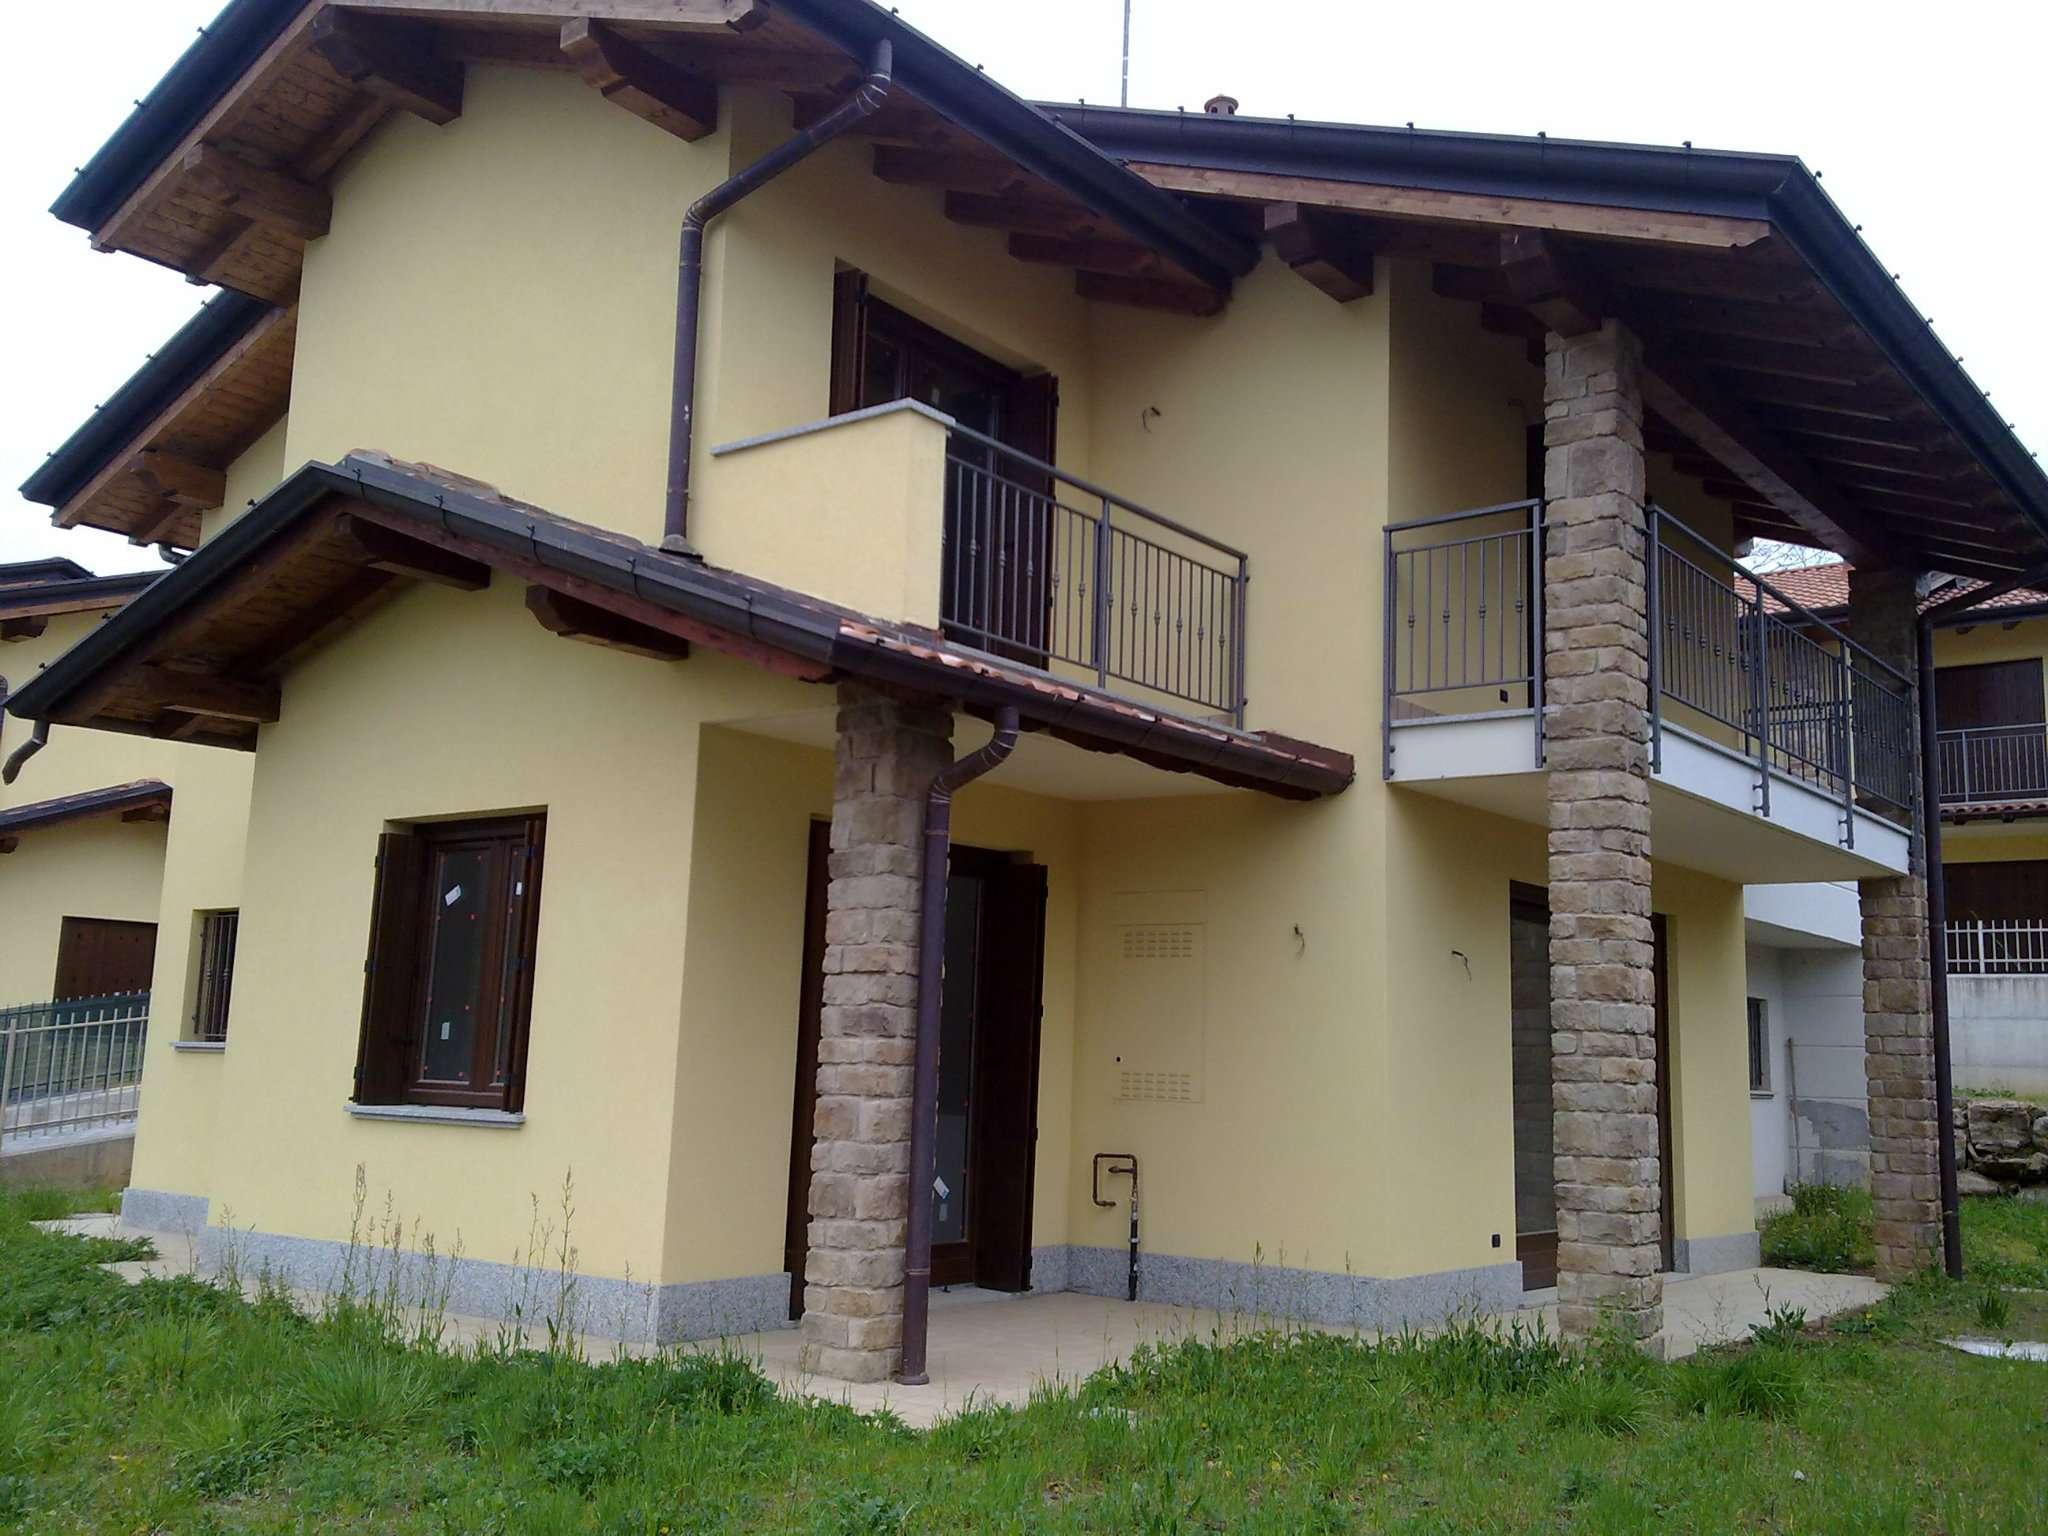 Villa in vendita a Cocquio-Trevisago, 5 locali, prezzo € 298.000 | PortaleAgenzieImmobiliari.it